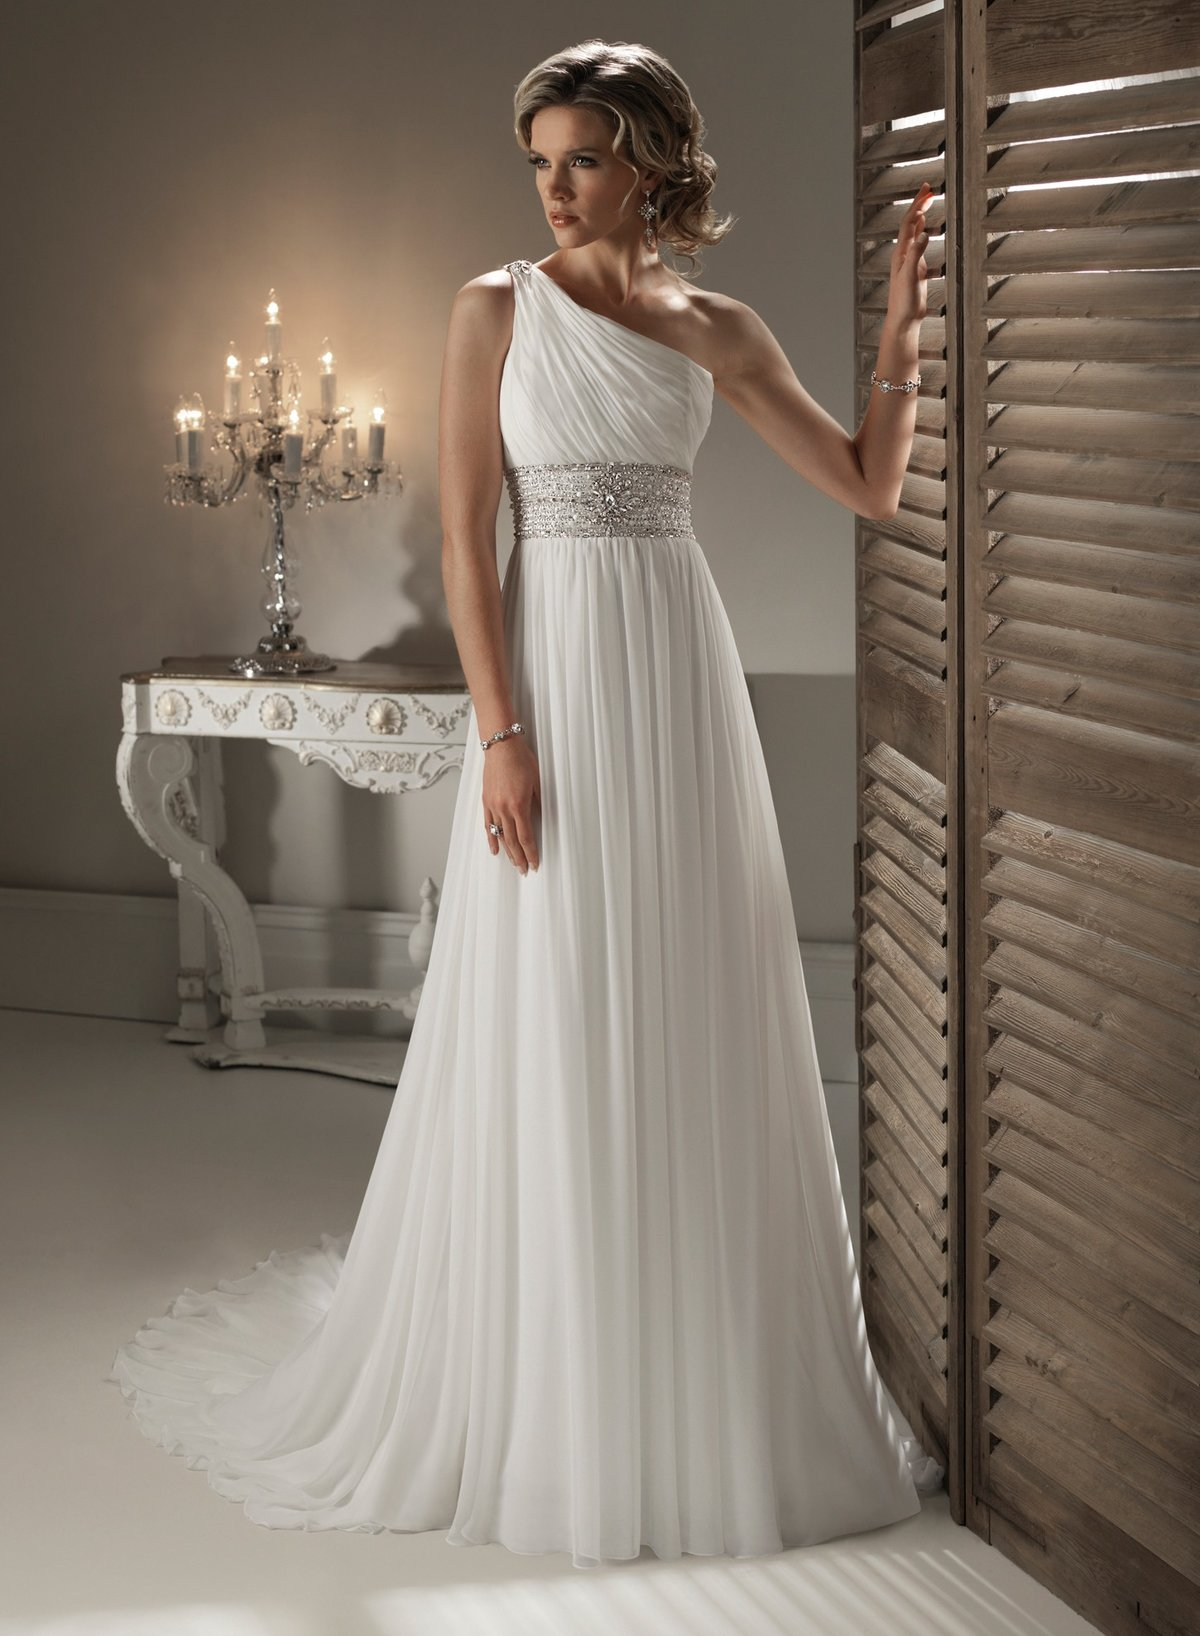 b84fb7bec0c Свадебные платья в греческом стиле  фото лучших моделей» — карточка ...